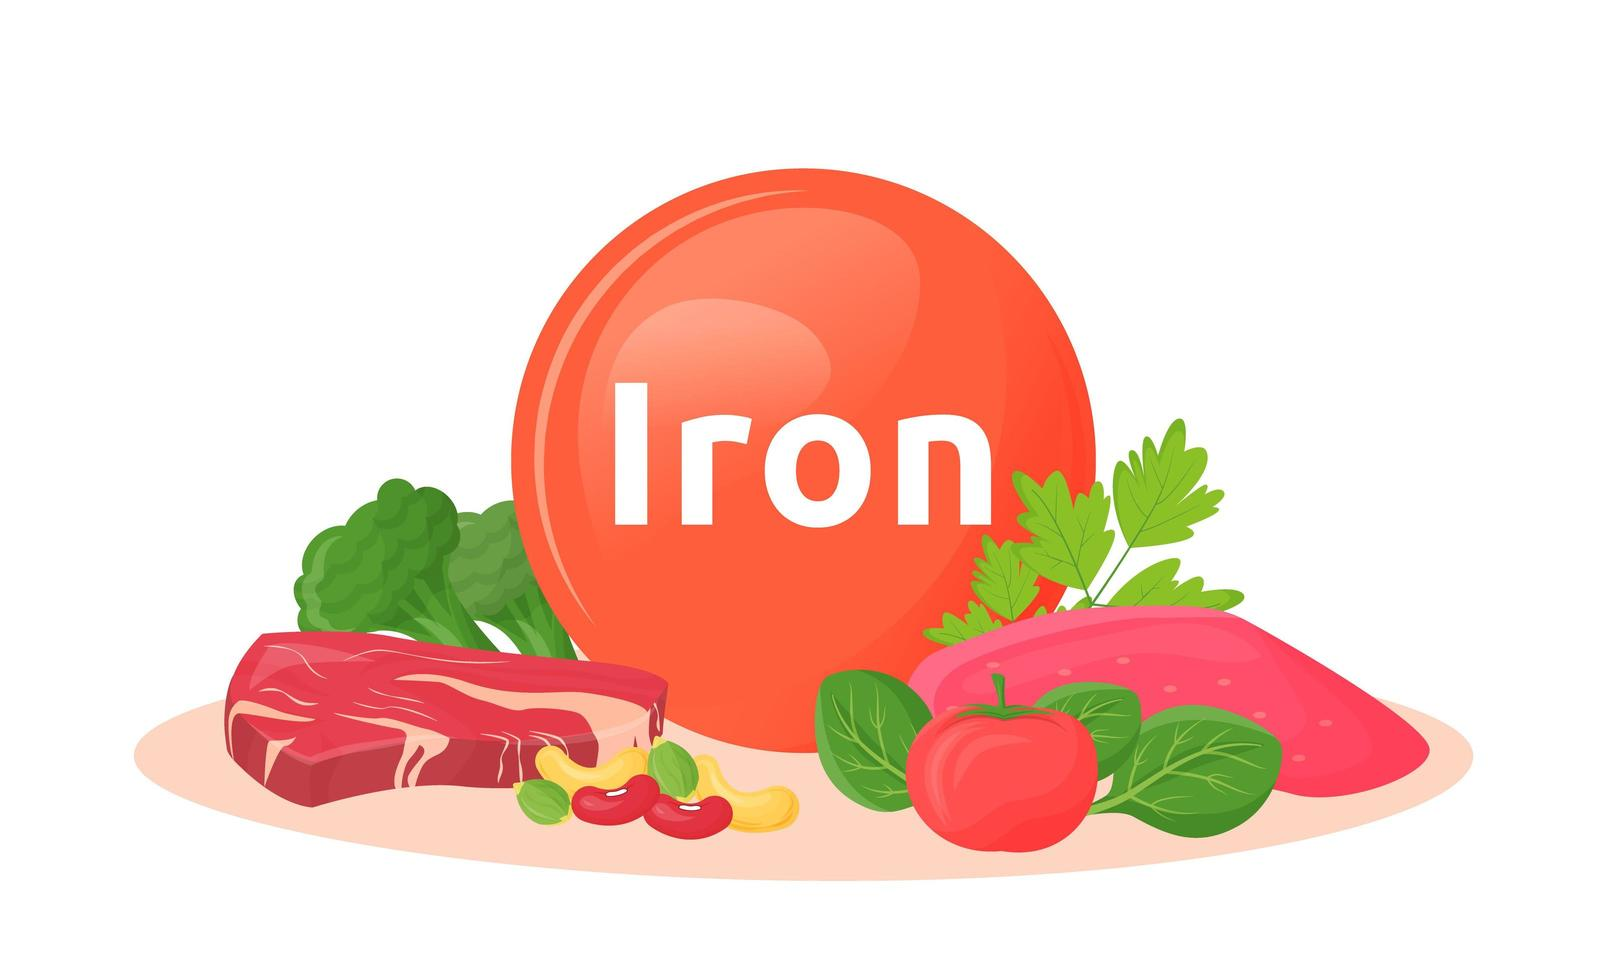 productos que contienen hierro vector